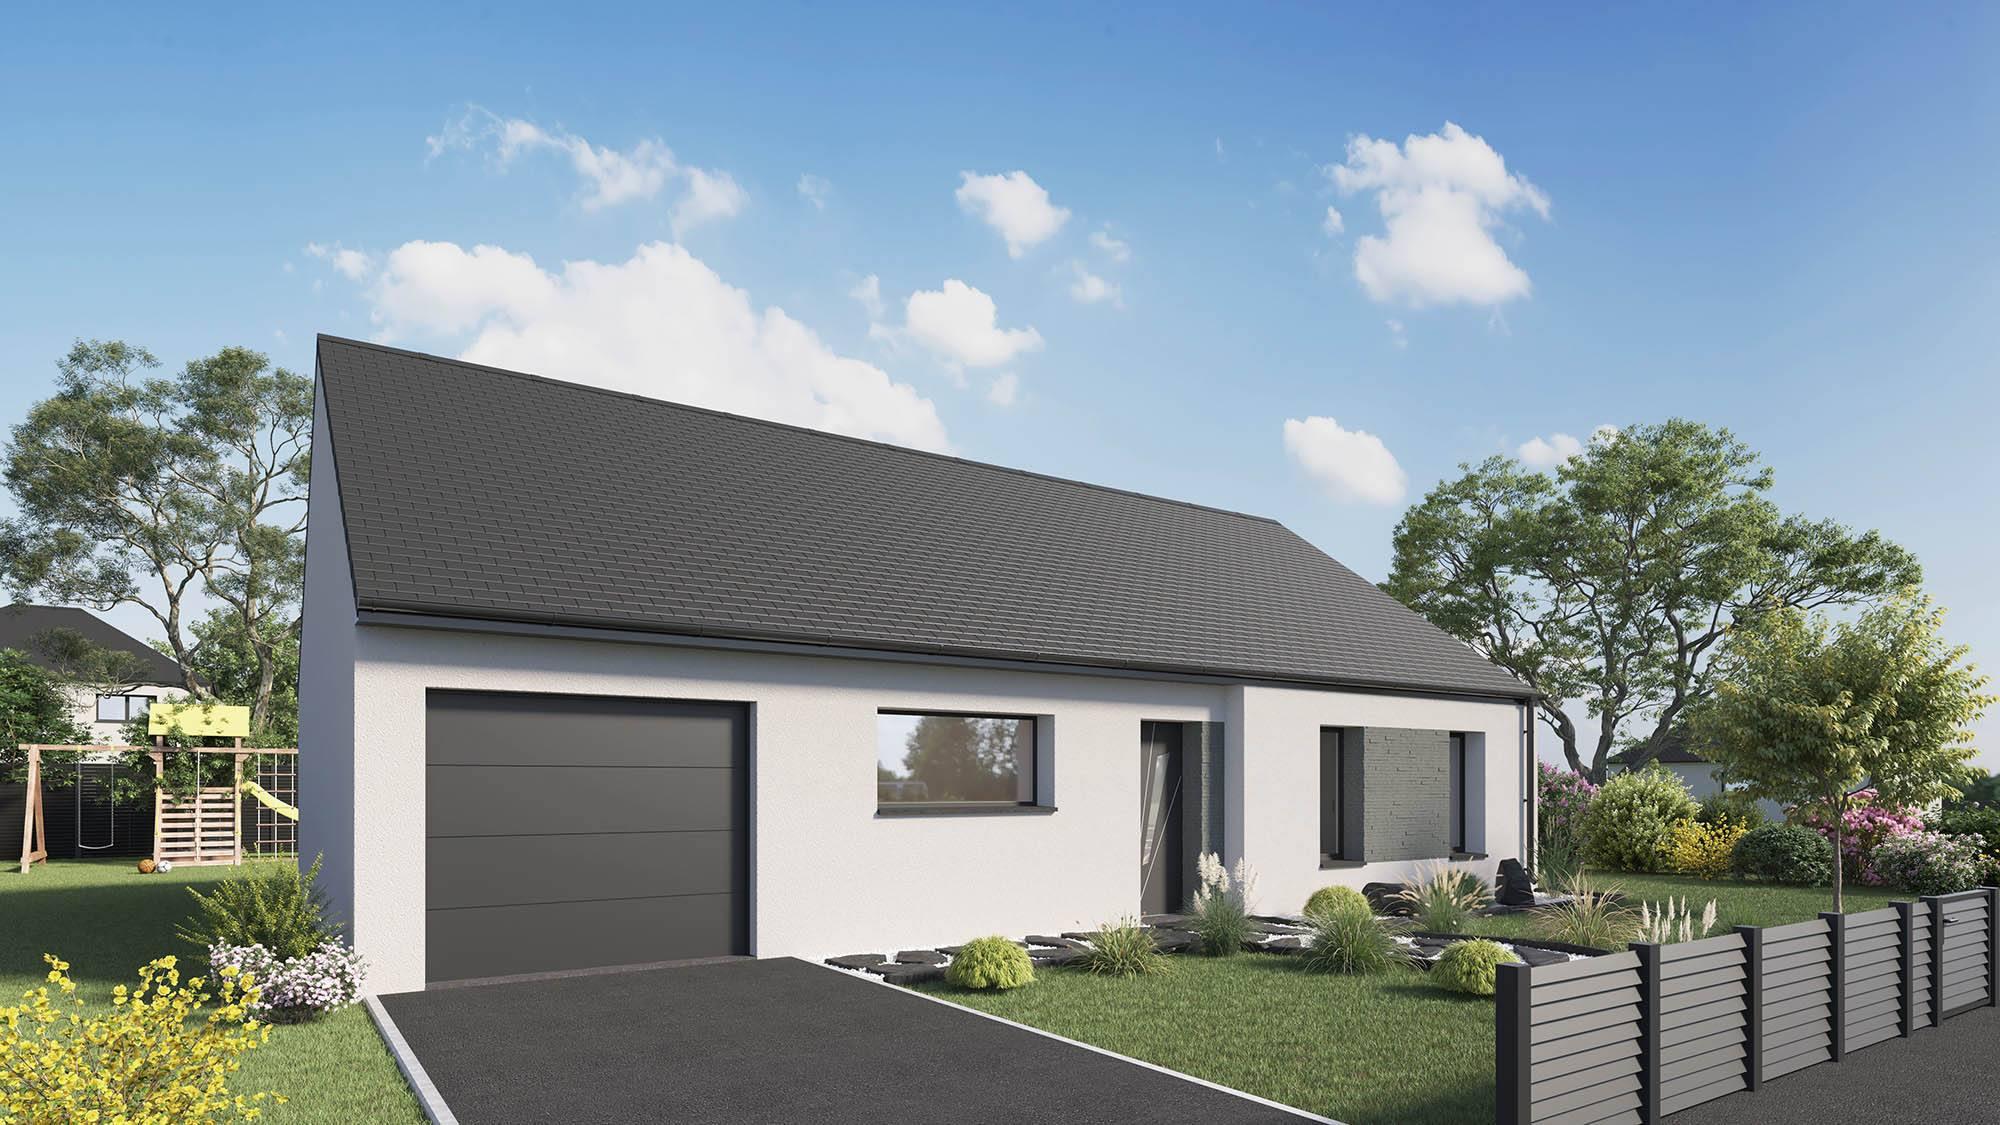 Votre maison + terrain à Saint-Manvieu-Norrey  - 14740